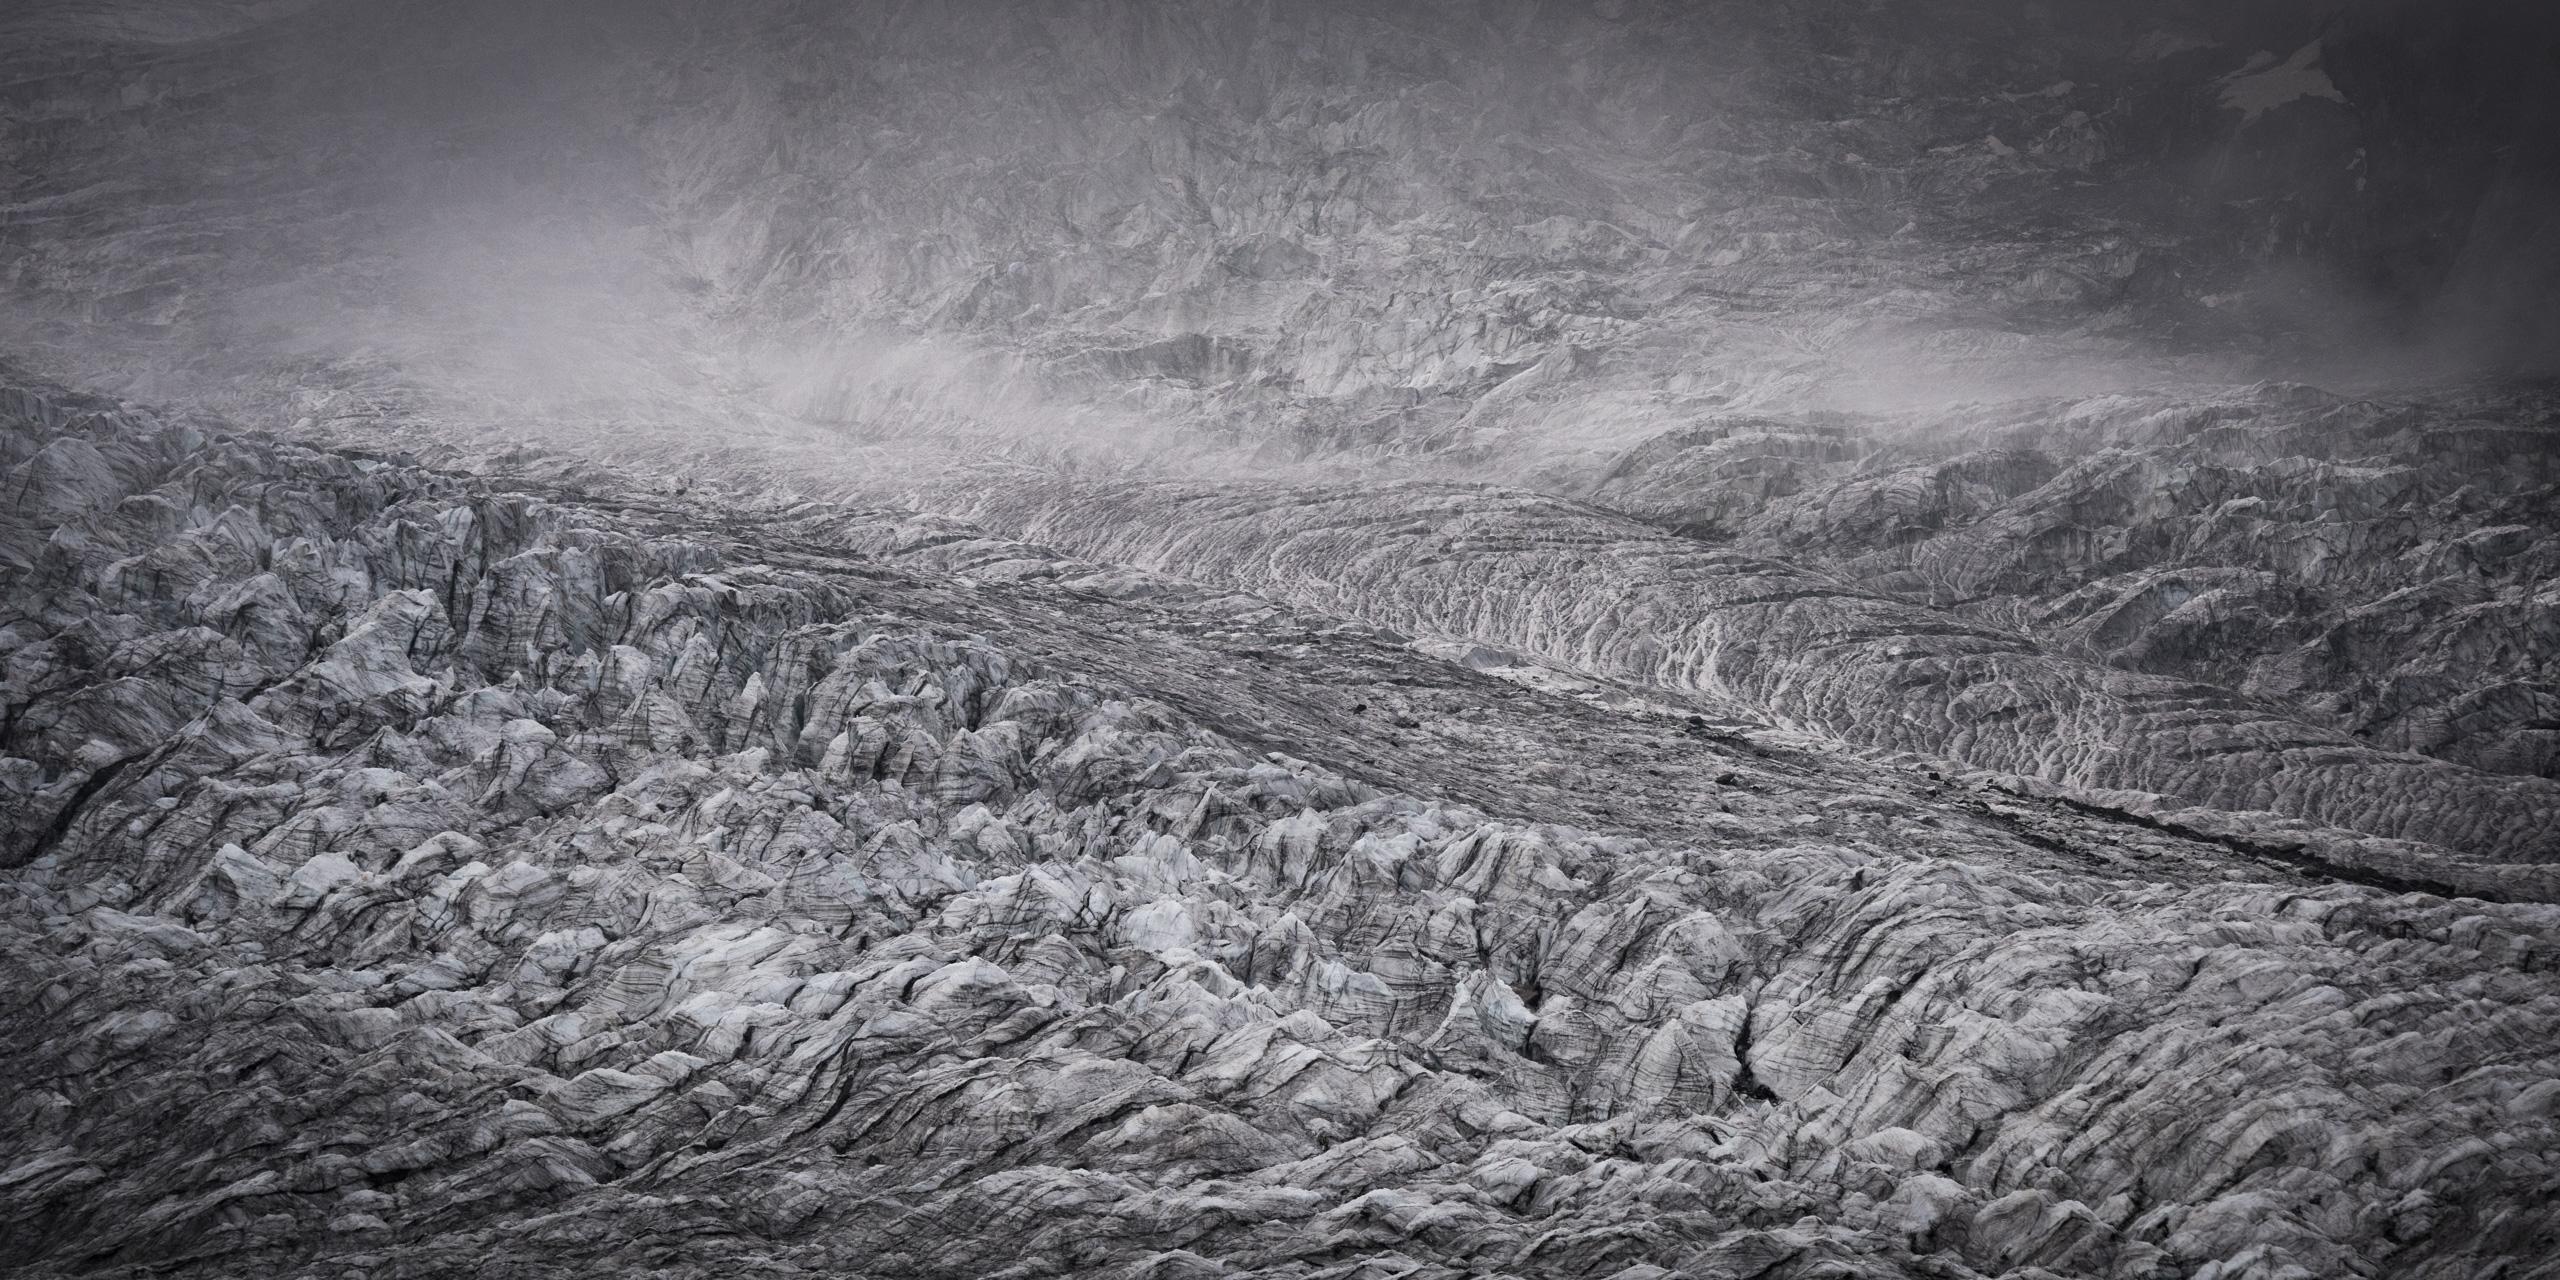 Photo glacier des deux alpes - photo montagne neige